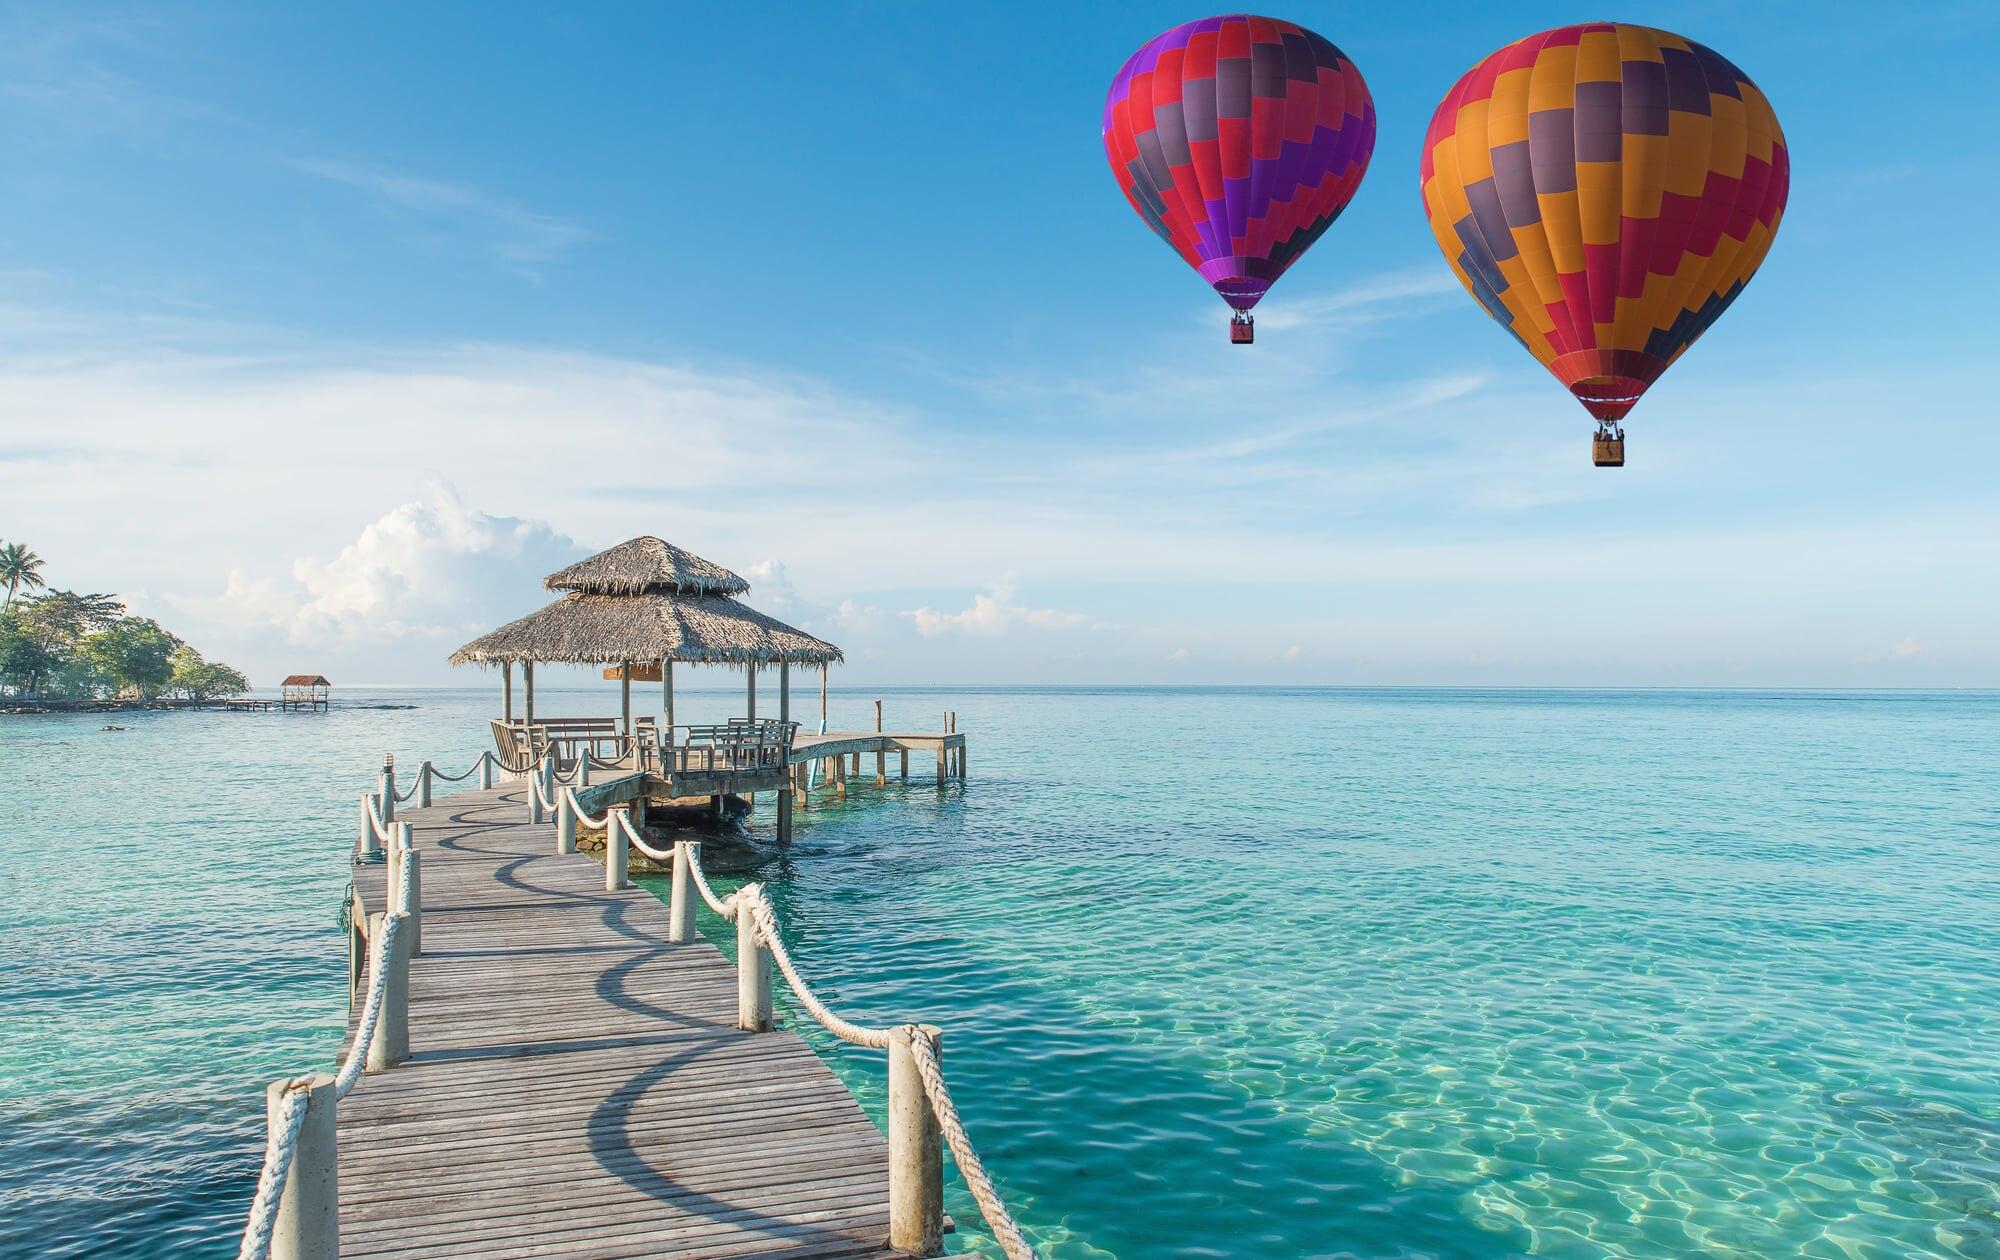 冬にこそおすすめ!夏を満喫できる人気の海外ビーチリゾートはどこ?